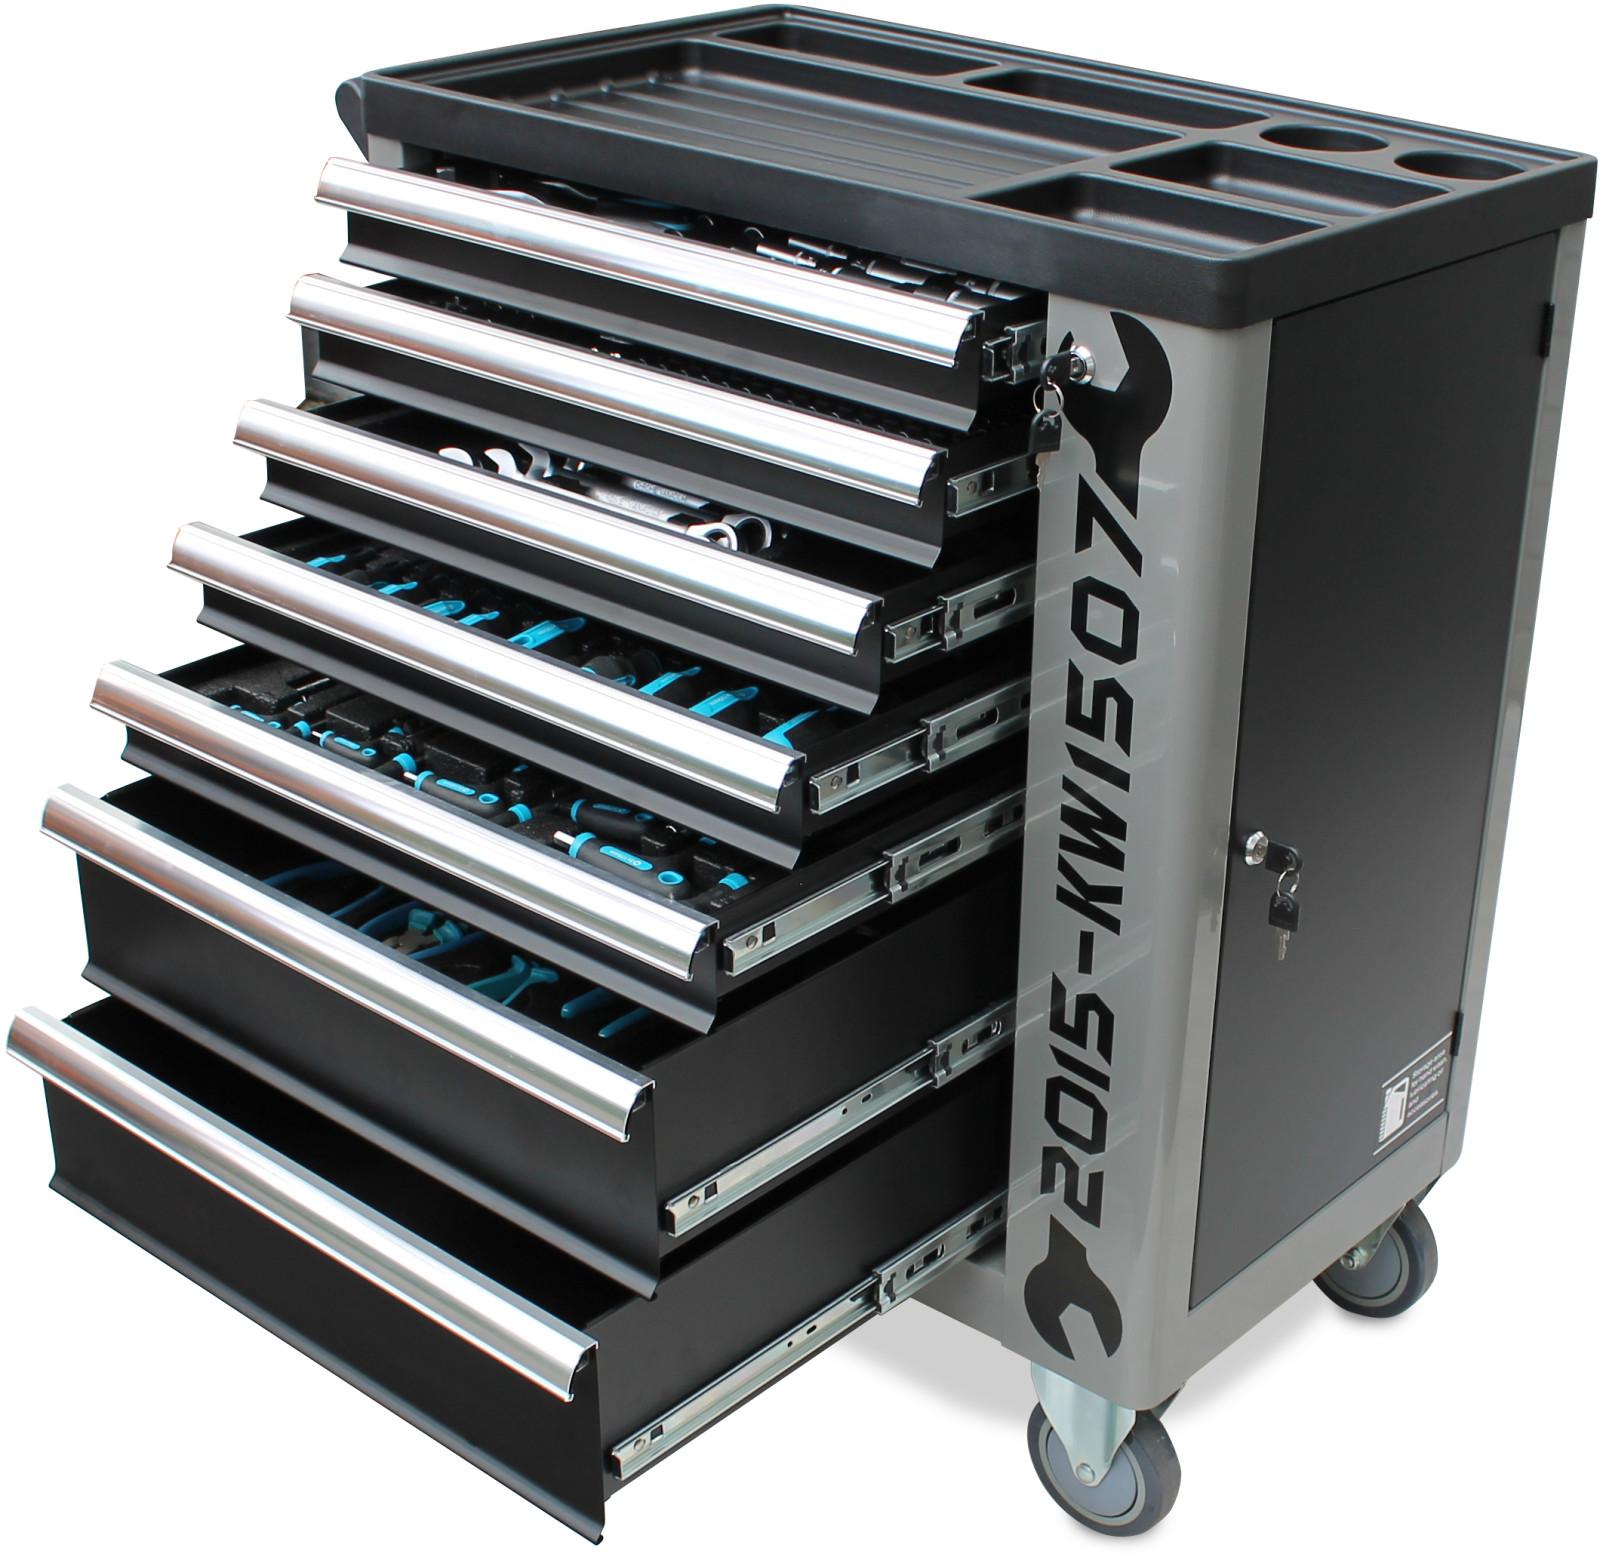 werkzeugwagen werkstattwagen werkzeugkiste werkzeugkasten tool box cart chest ebay. Black Bedroom Furniture Sets. Home Design Ideas